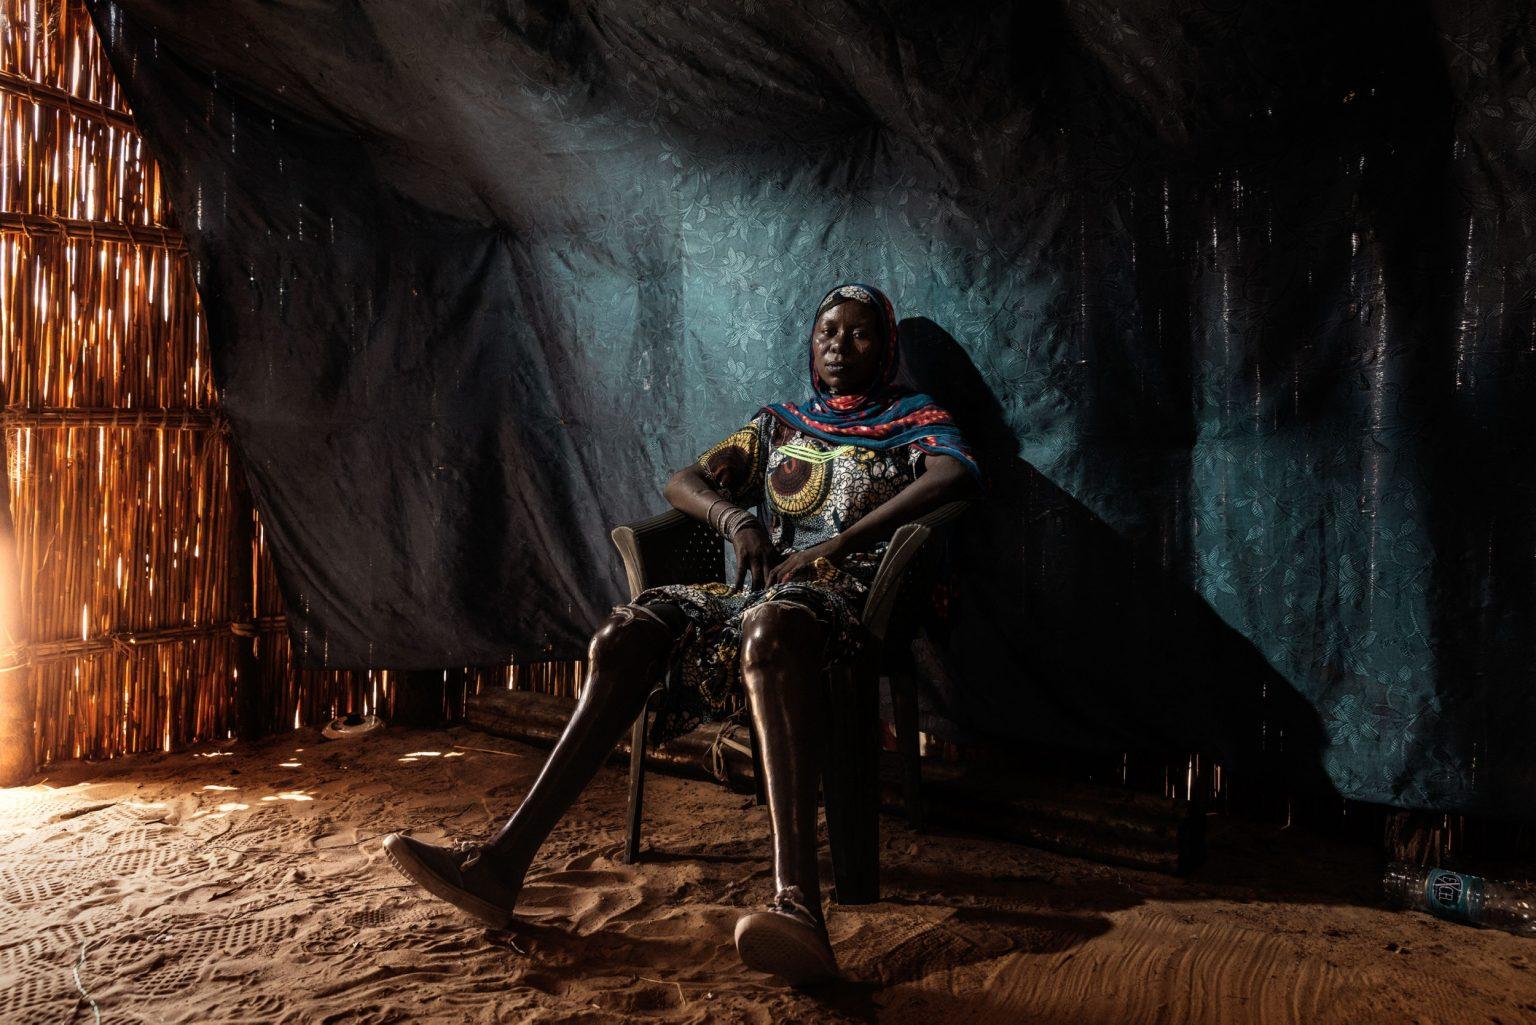 Africa, Chad, Gomirom Domouli, October 2018 - Halima Adama, a former member of Boko Haram terrorist group. Halima is a kamikaze who survived a suicide attack she carried out herself. This young woman, now aged 20, was forced into carrying out this suicide mission at the age of just 18. She did not die in the explosion, but she lost both of her legs, and has now returned to live with her family in the village of Gomirom Domouli. >< Africa, Ciad, Gomirom Domouli, Ottobre 2018 - Halima Adama, una ex membra del gruppo terroristico Boko Haram. Halima è una kamikaze che è sopravvissuta all?attacco suicida compiuto da lei stessa. Questa giovane donna, che ora ha 20 anni, è stata costretta a compiere questa missione suicida all?età di 18 anni. Non è morta nell?esplosione ma ha perso entrambe le gambe ed è tornata ora a vivere con la sua famiglia nel villaggio di Gomirom Domouli. *** SPECIAL   FEE   APPLIES *** *** Local Caption *** 01362921